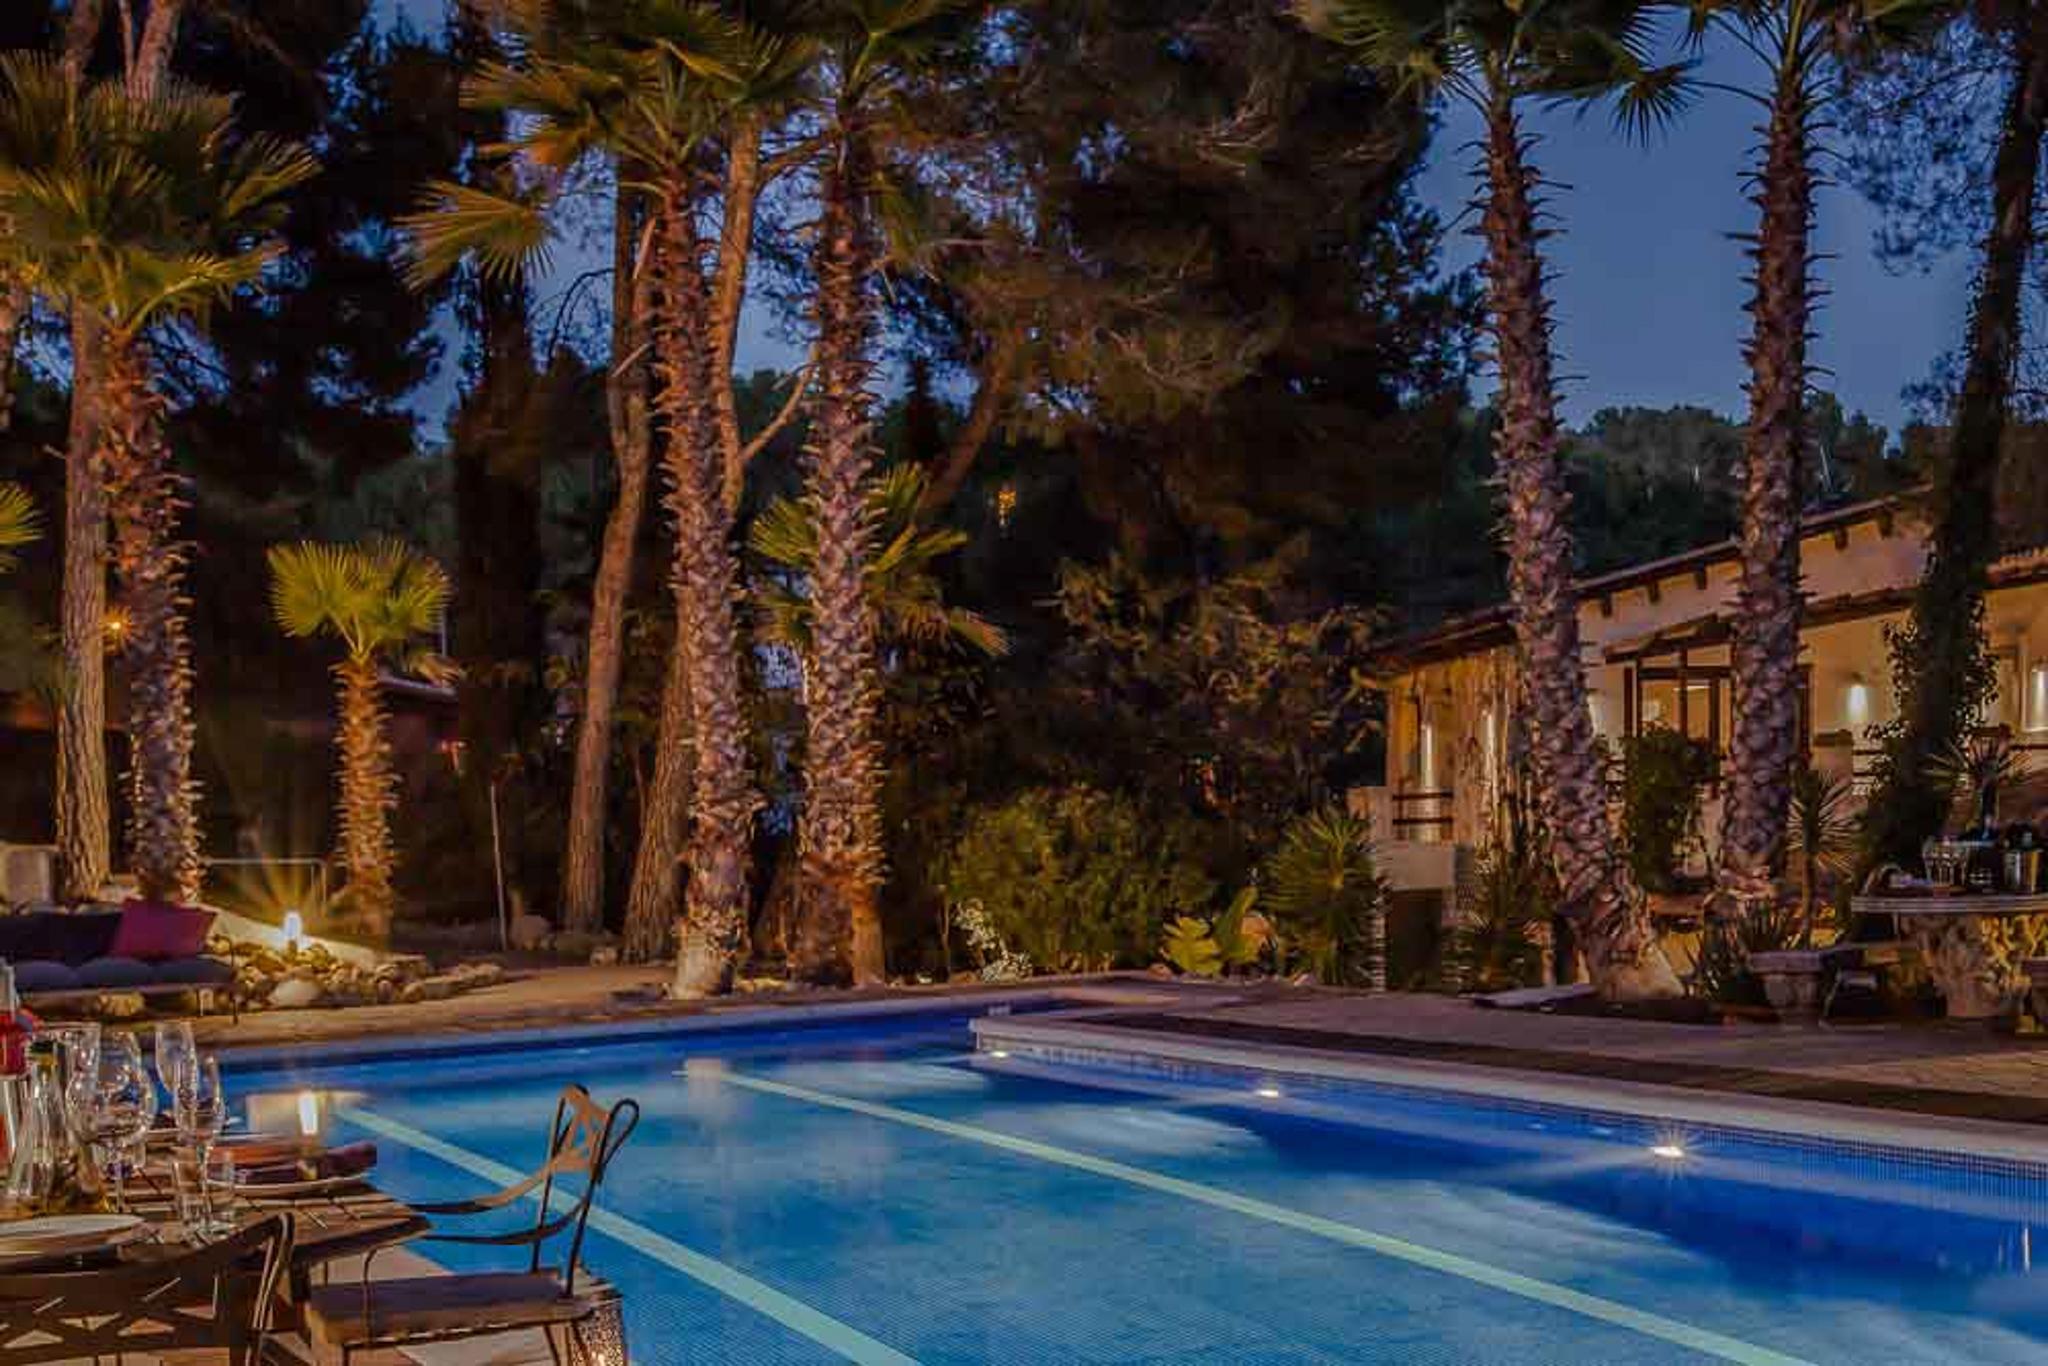 Ferienhaus Villa Palmera, Paradies in der Nhe von Barcelona, luxurise Villa fr 22 Personen (2379177), Olivella, Costa del Garraf, Katalonien, Spanien, Bild 14